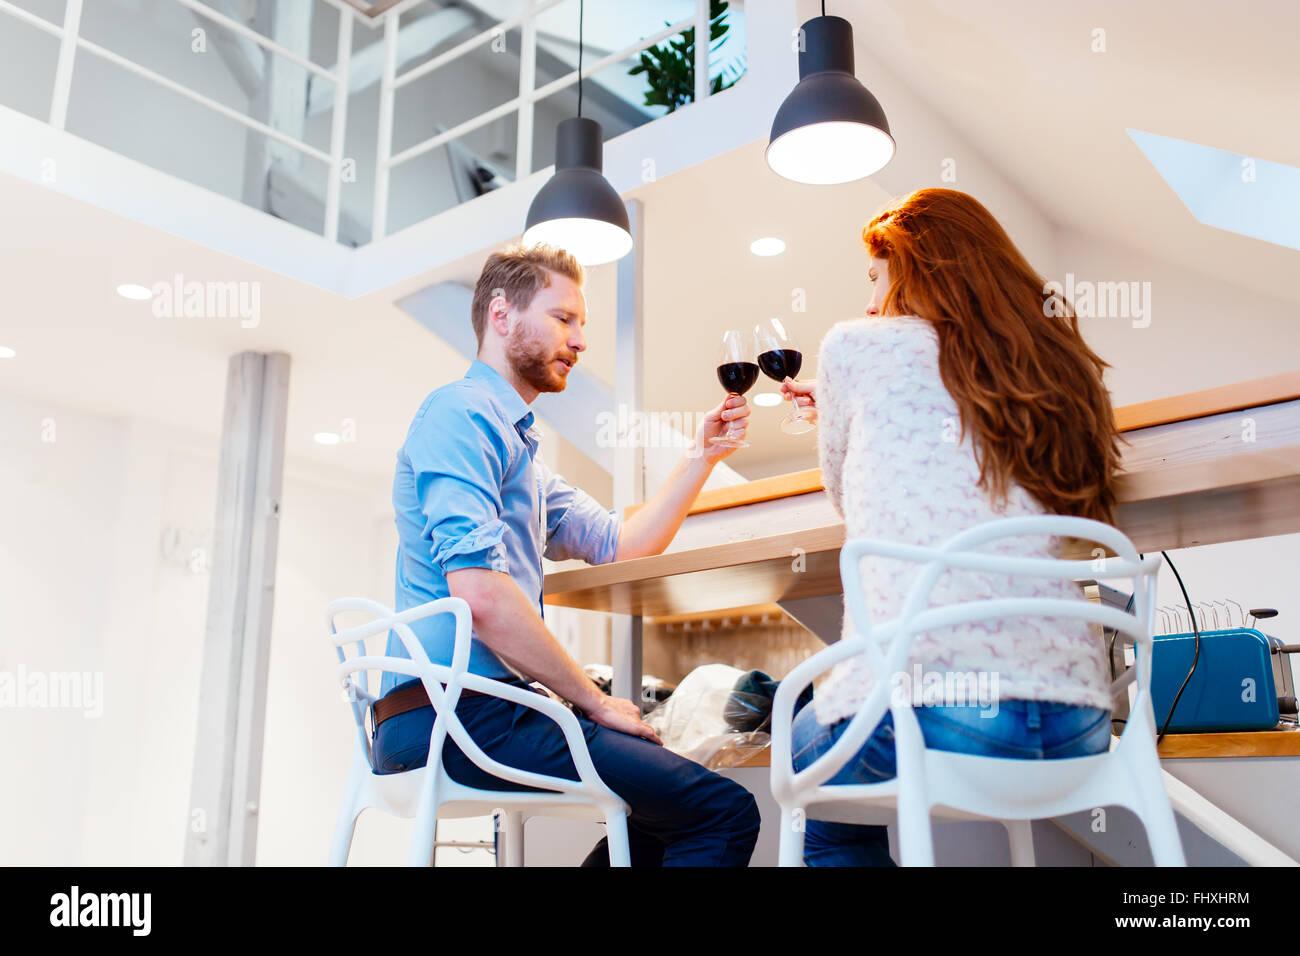 Beau couple celebrating déménagement dans de nouvelles vacances par toasting wine Photo Stock